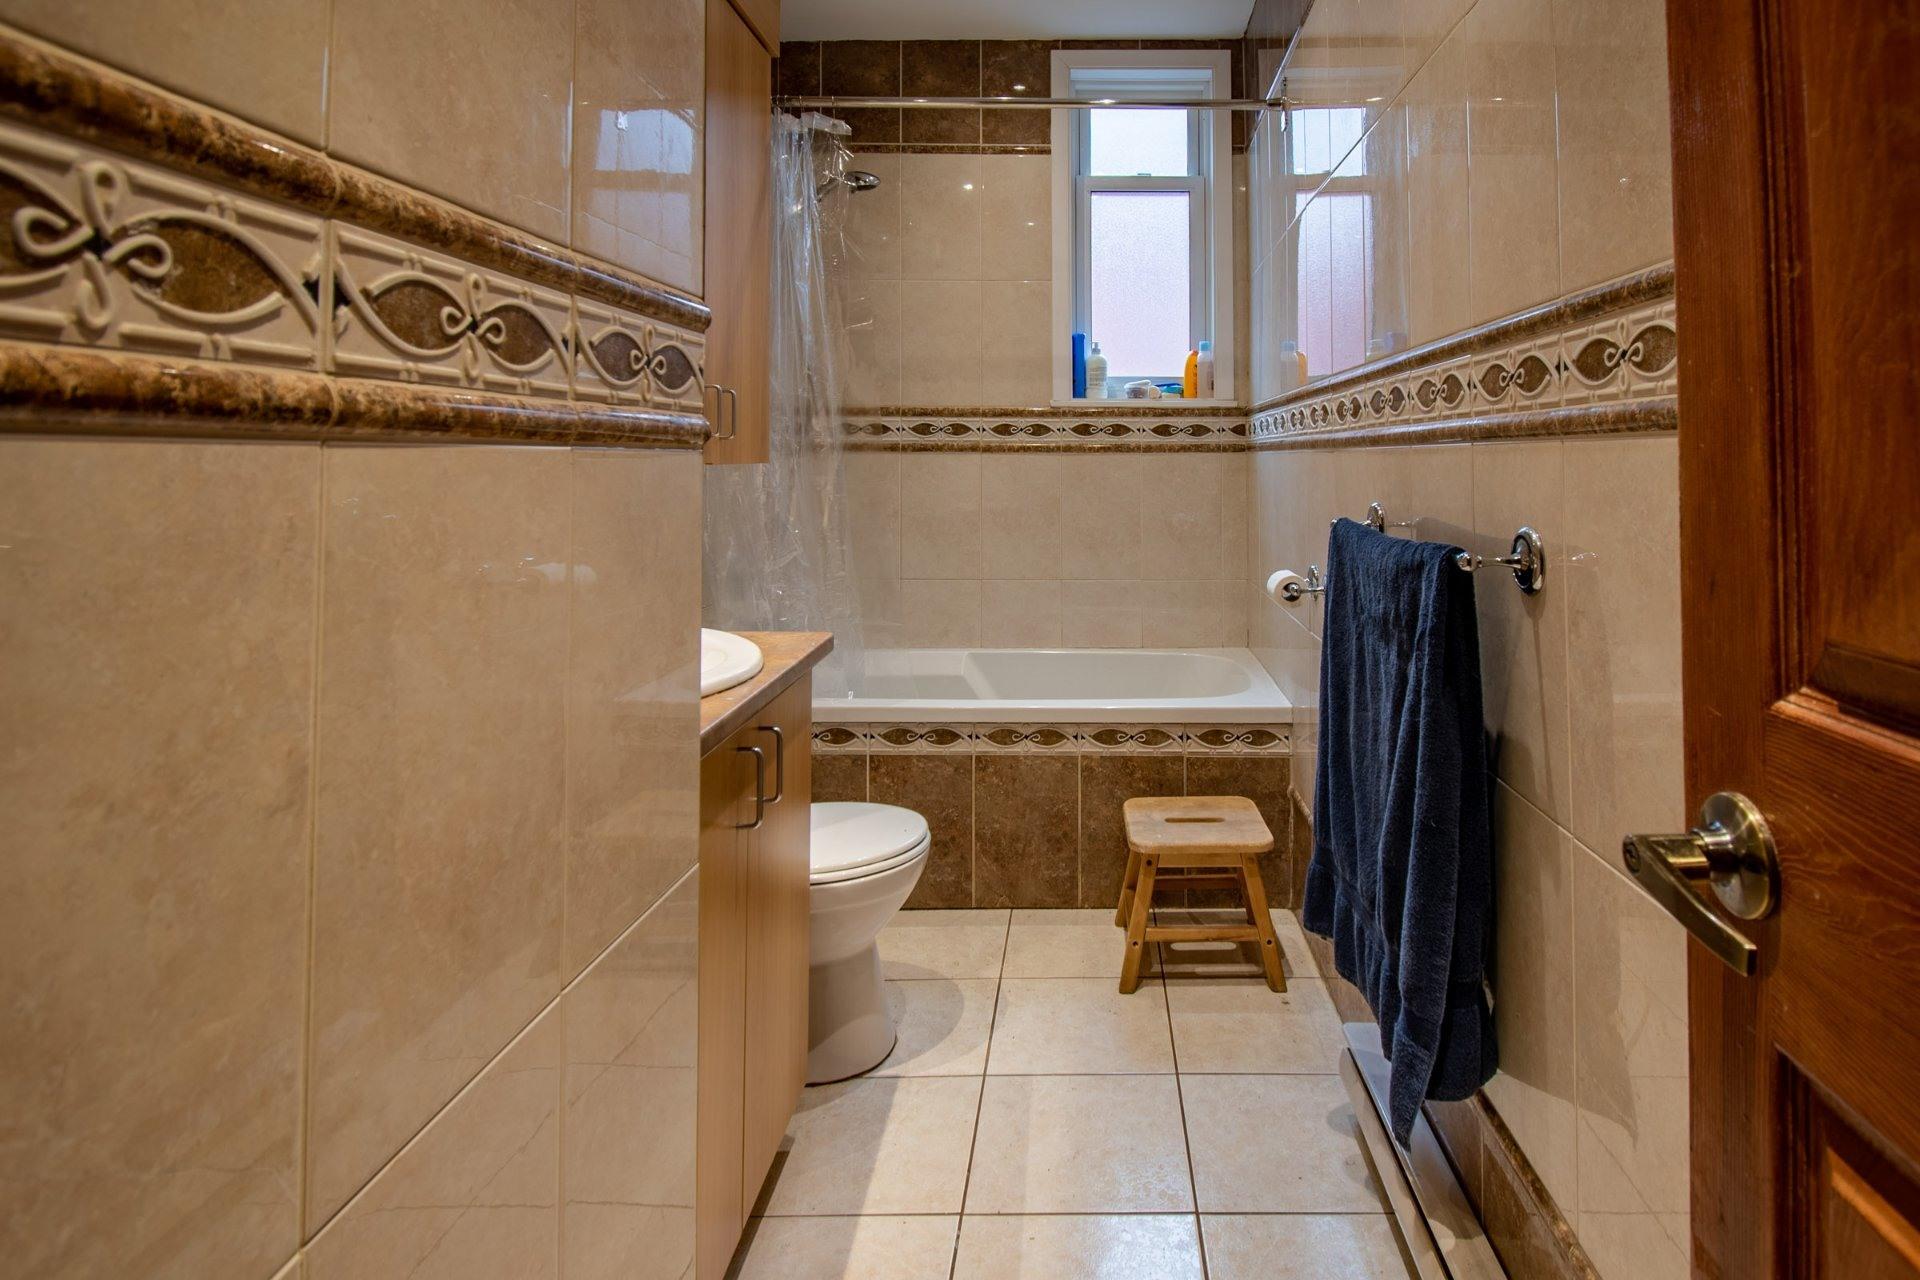 image 31 - Appartement À vendre Mercier/Hochelaga-Maisonneuve Montréal  - 5 pièces